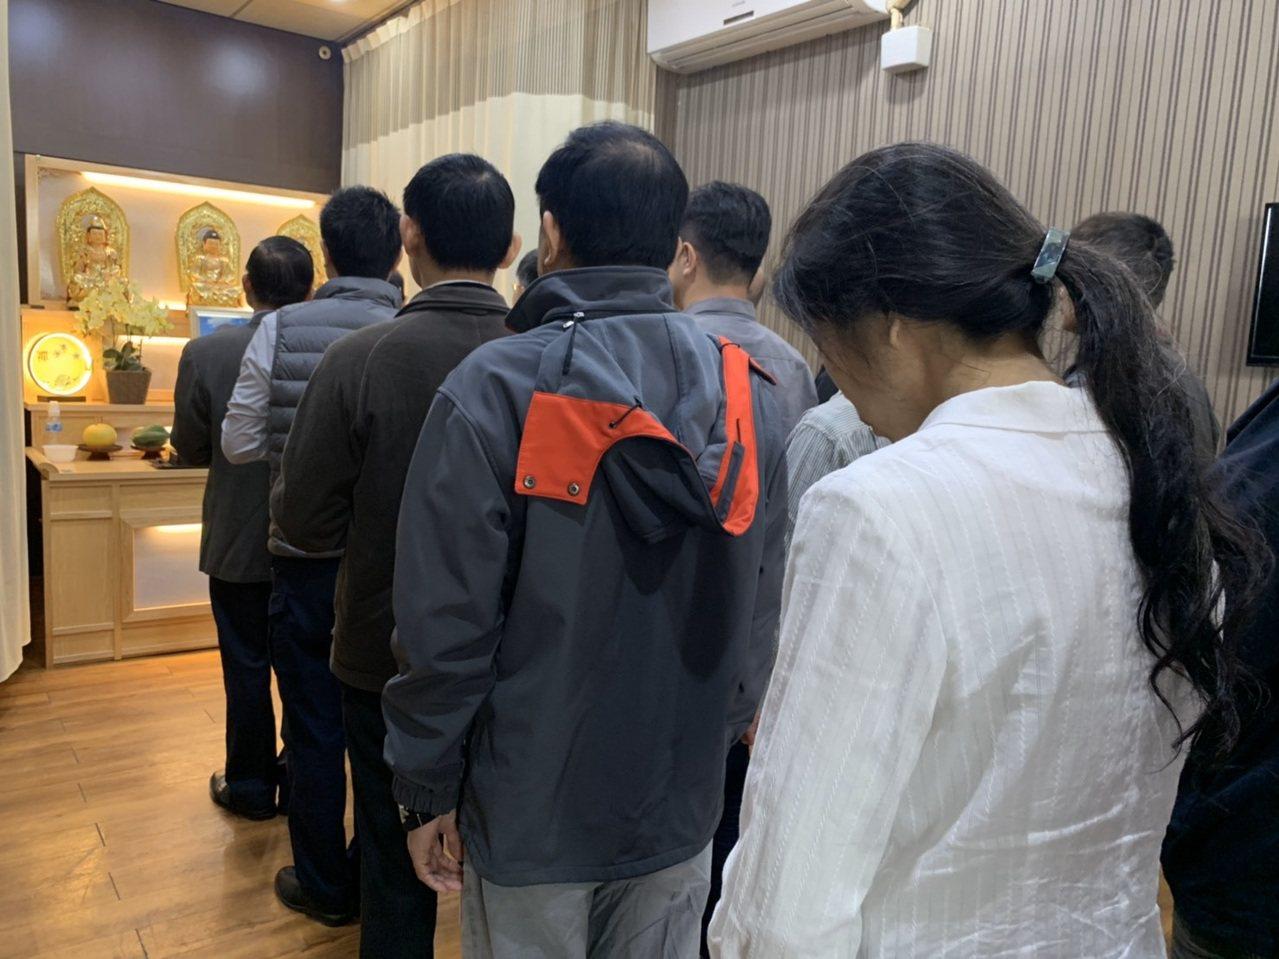 台南市警局六分局警員曾錦緯猝死消息傳出後,親友、同事聞訊都感到震驚,難以接受噩耗...